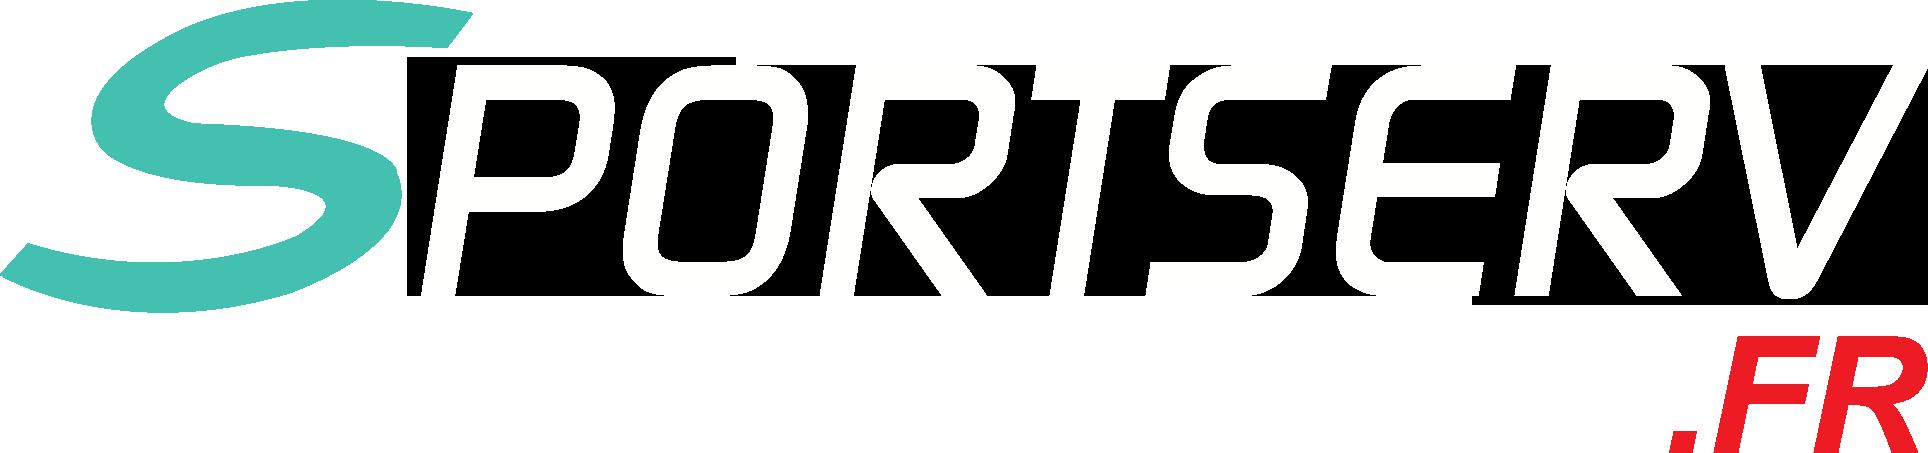 SportServ.fr, Le partenaire pour vos équipements sportifs (retour à l'accueil)